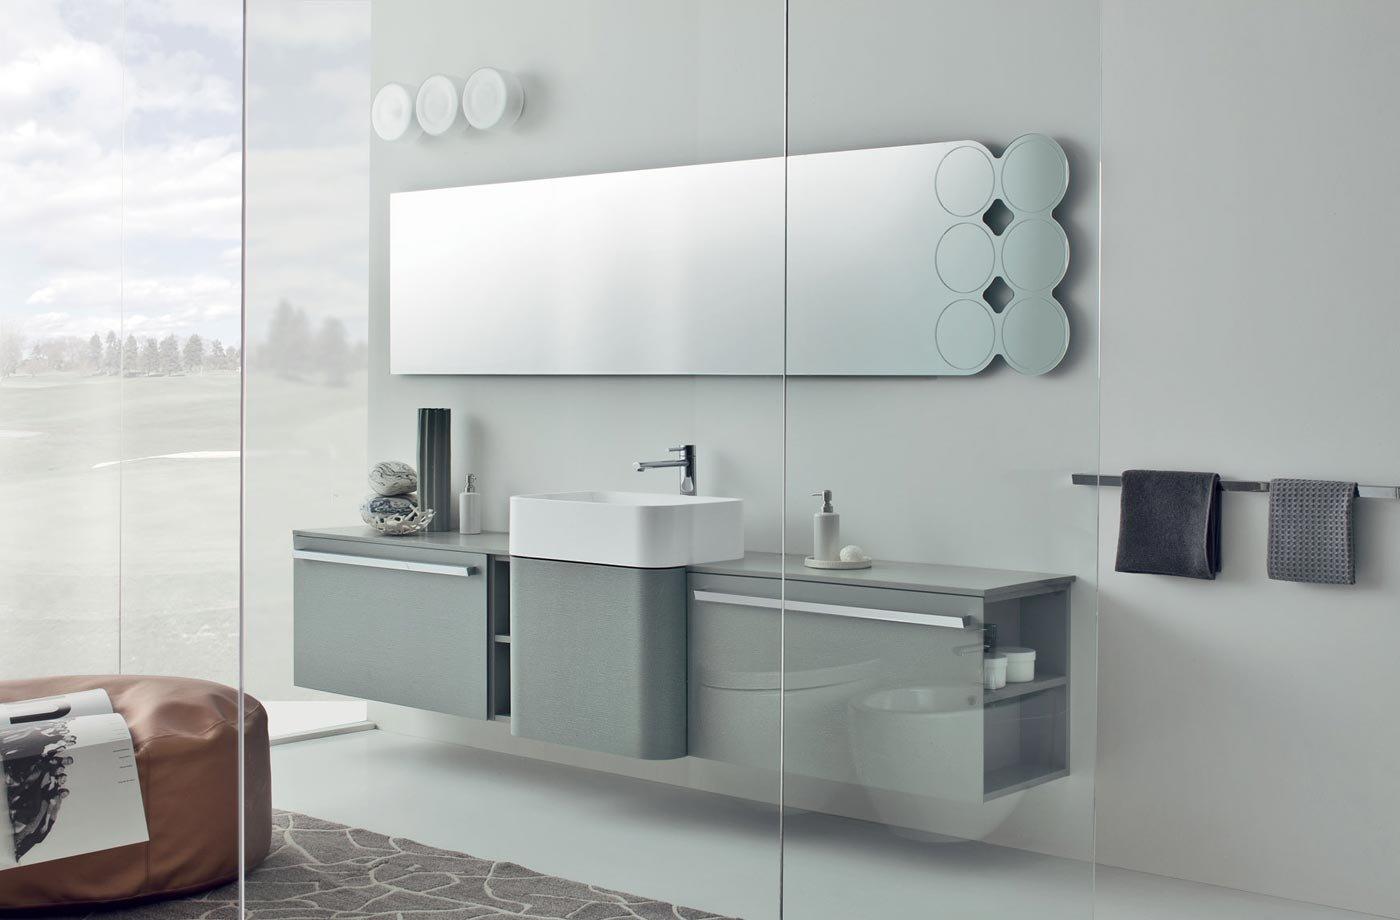 Lavabos de dise o moderno de la firma altamarea for Decoracion del hogar contemporaneo